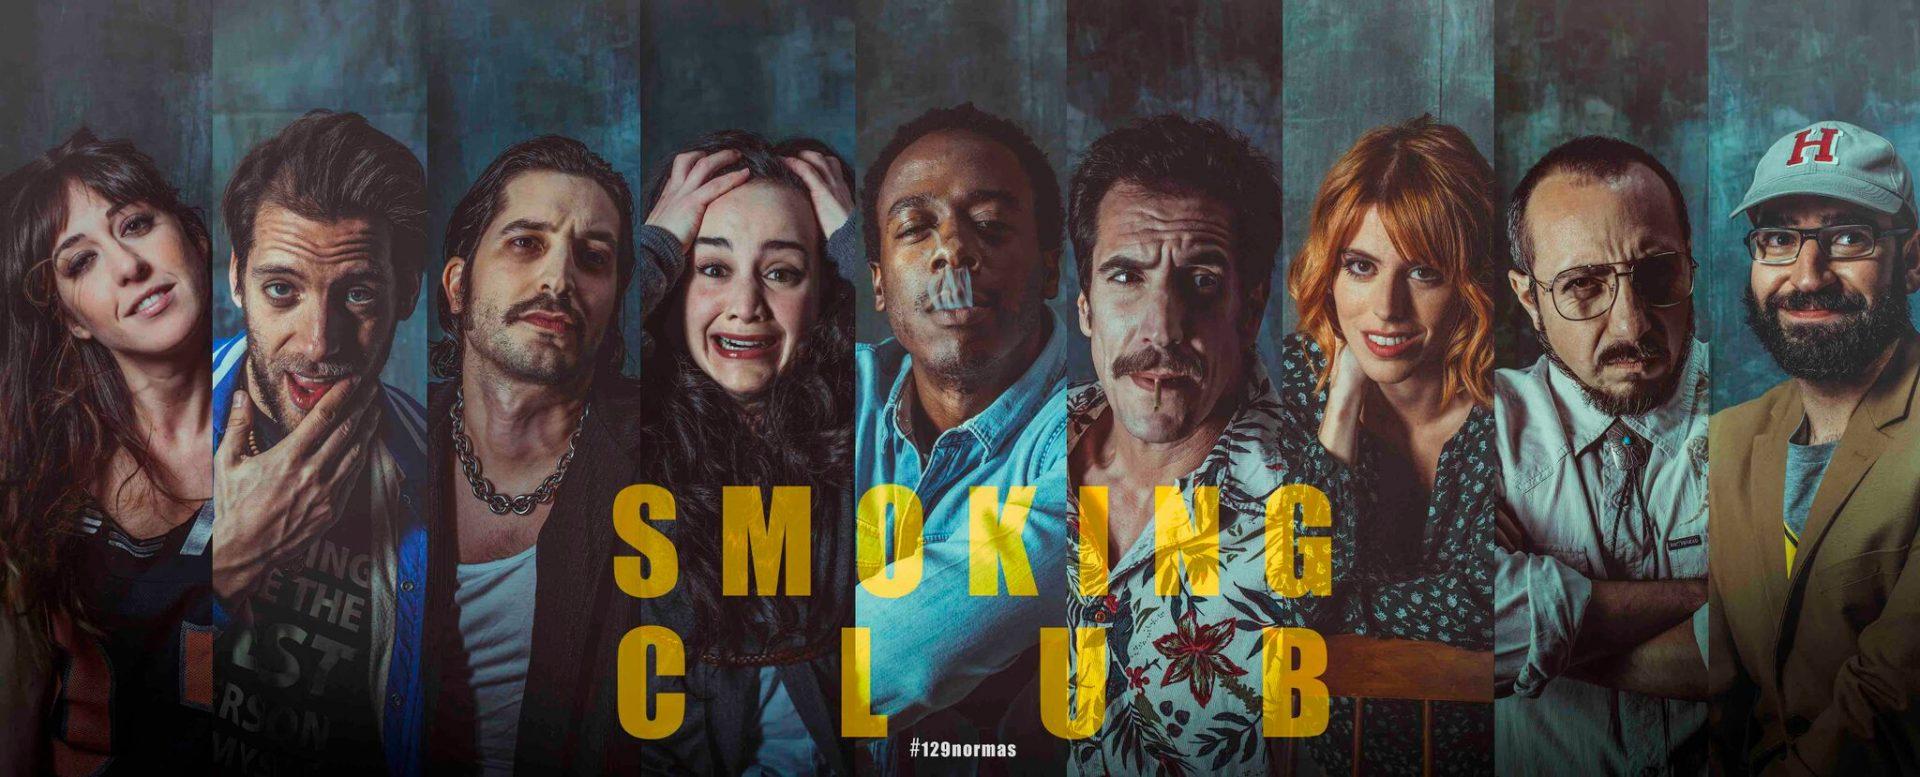 Smoking Club: El club cannábico llega al cine a través del humor 50